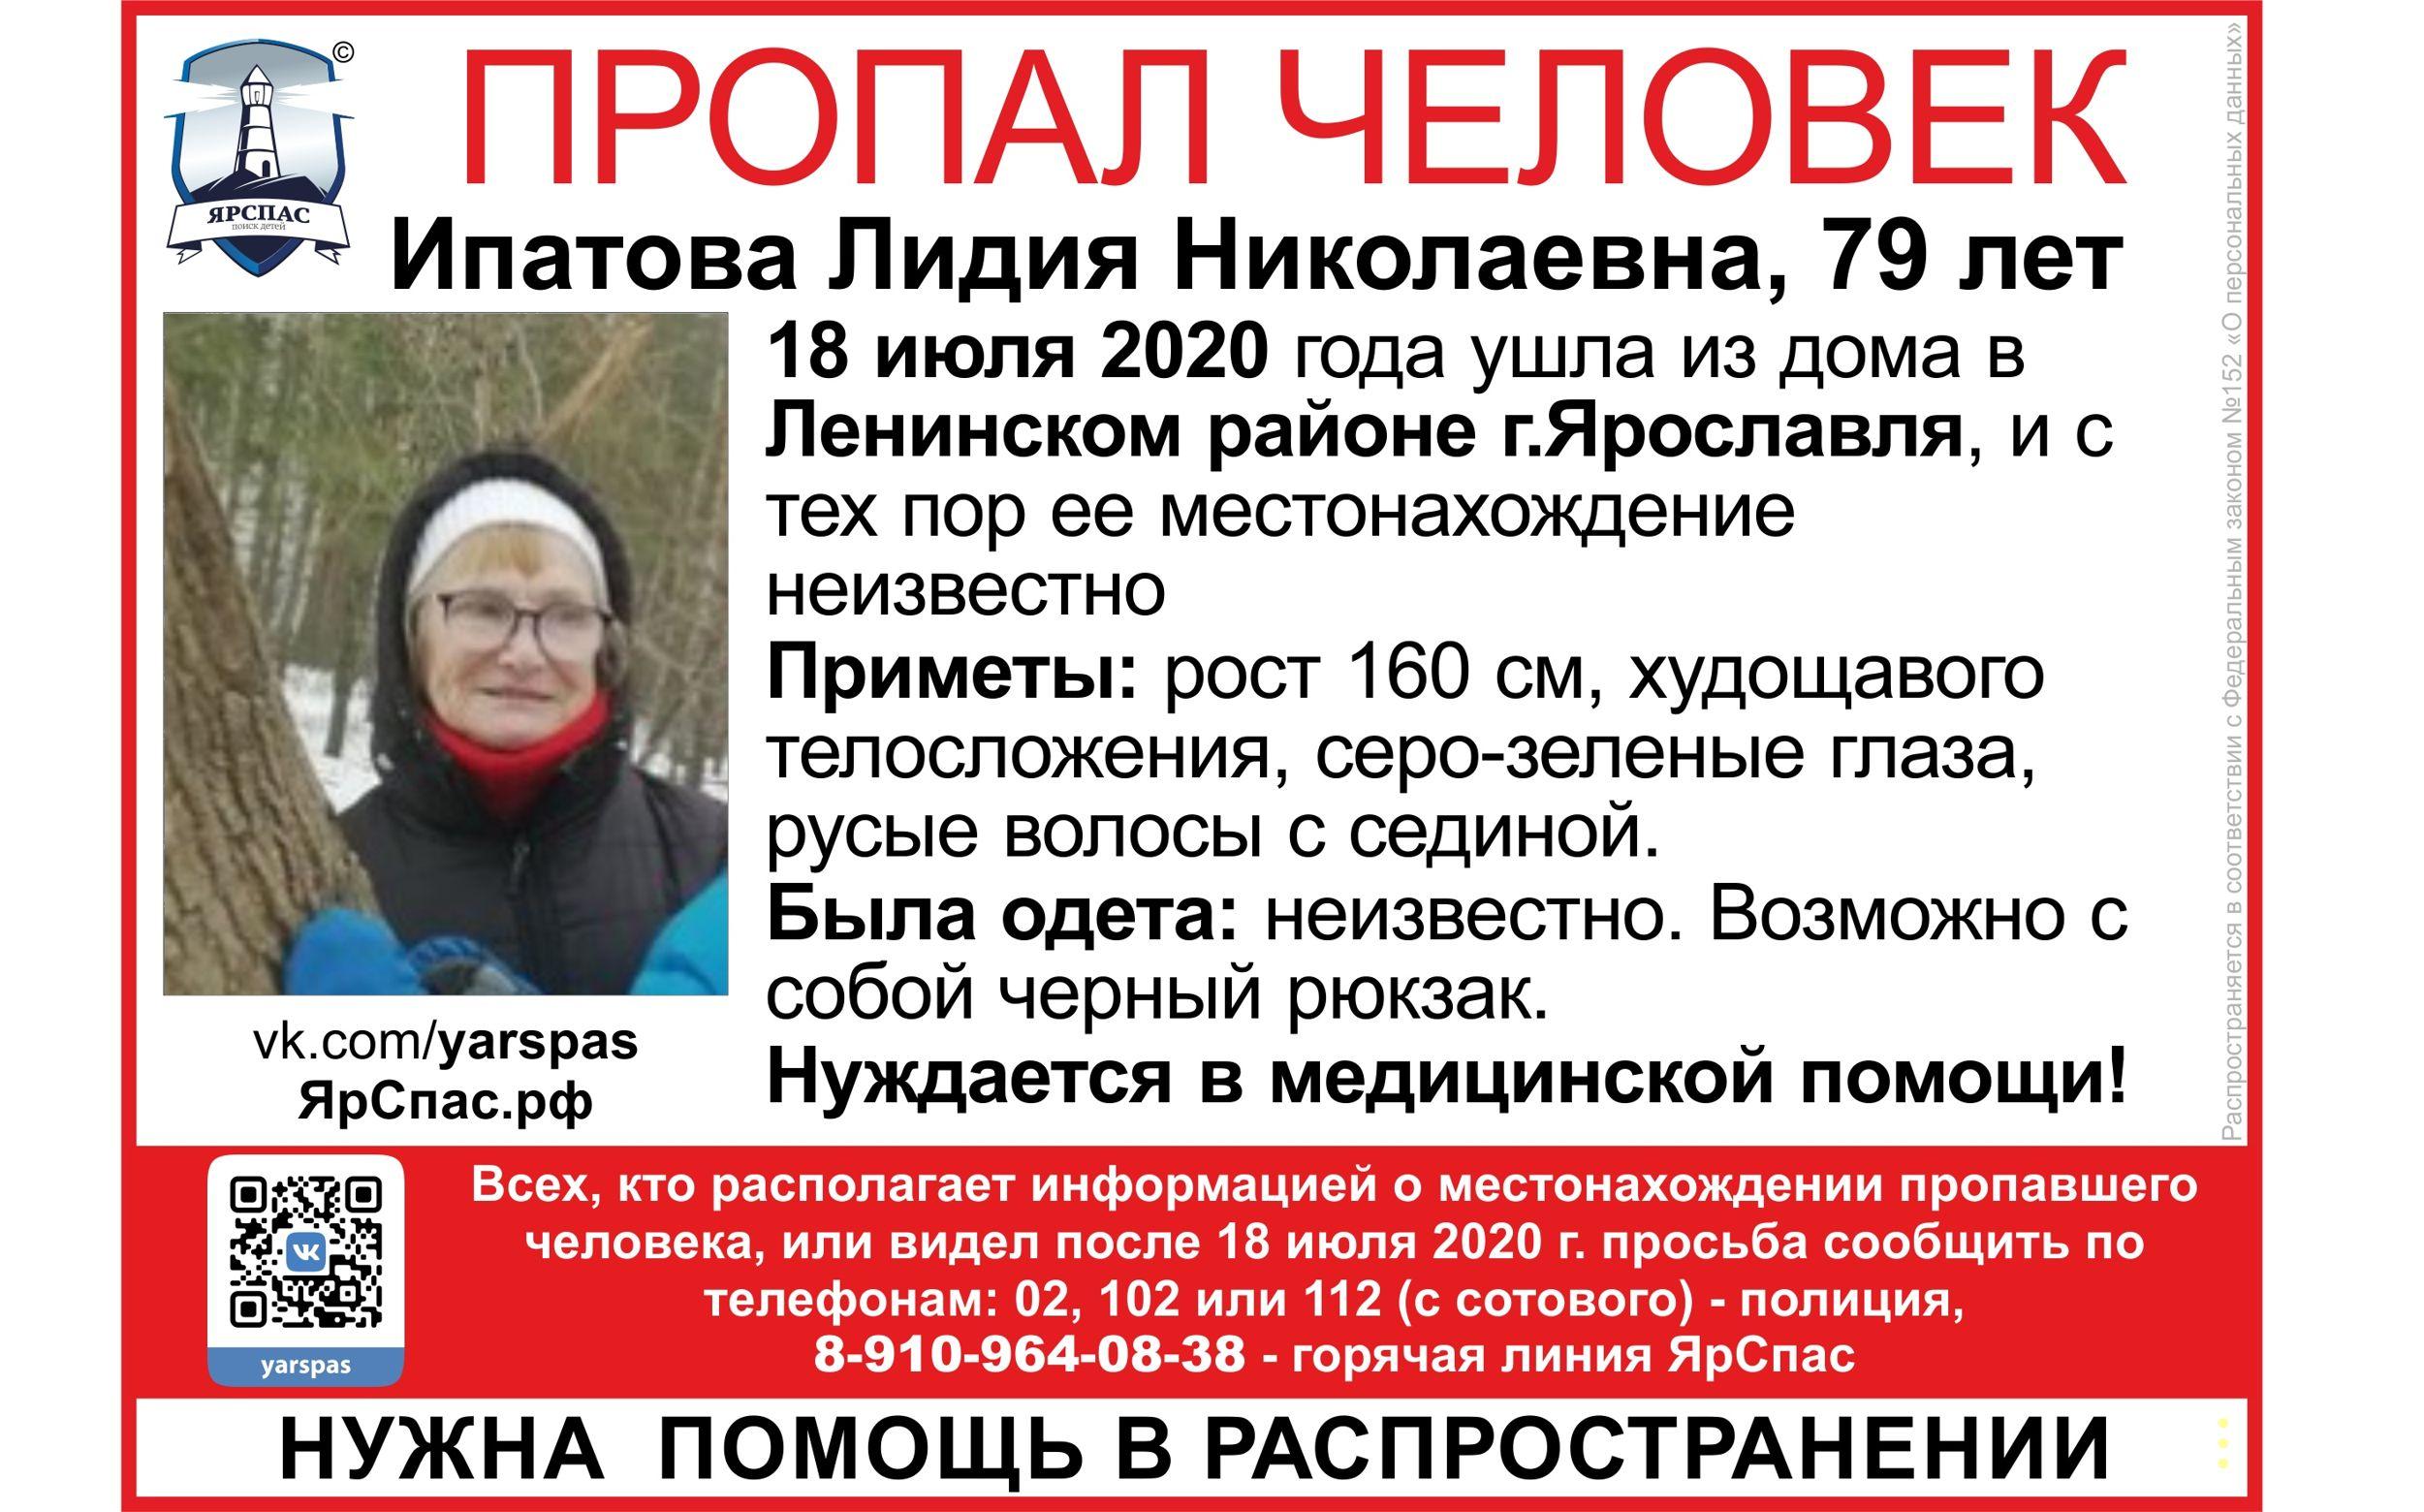 В Ярославле ищут пропавшую пенсионерку, которая нуждается в медицинской помощи